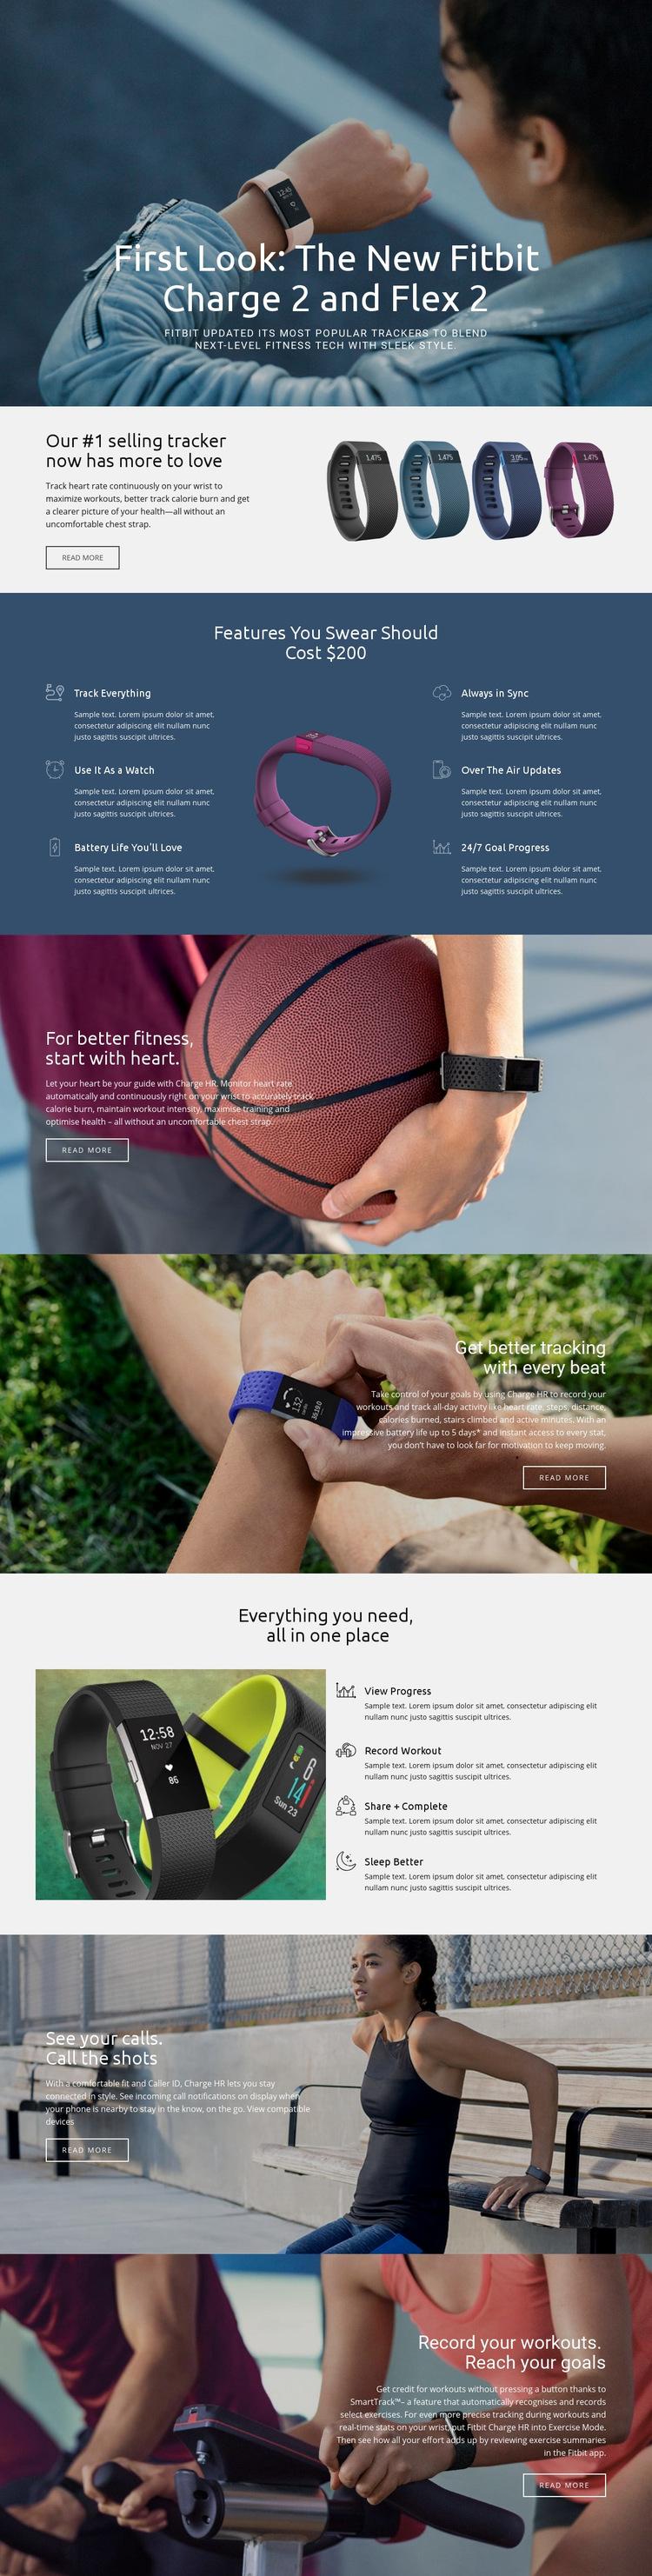 Flex 2 Web Page Design